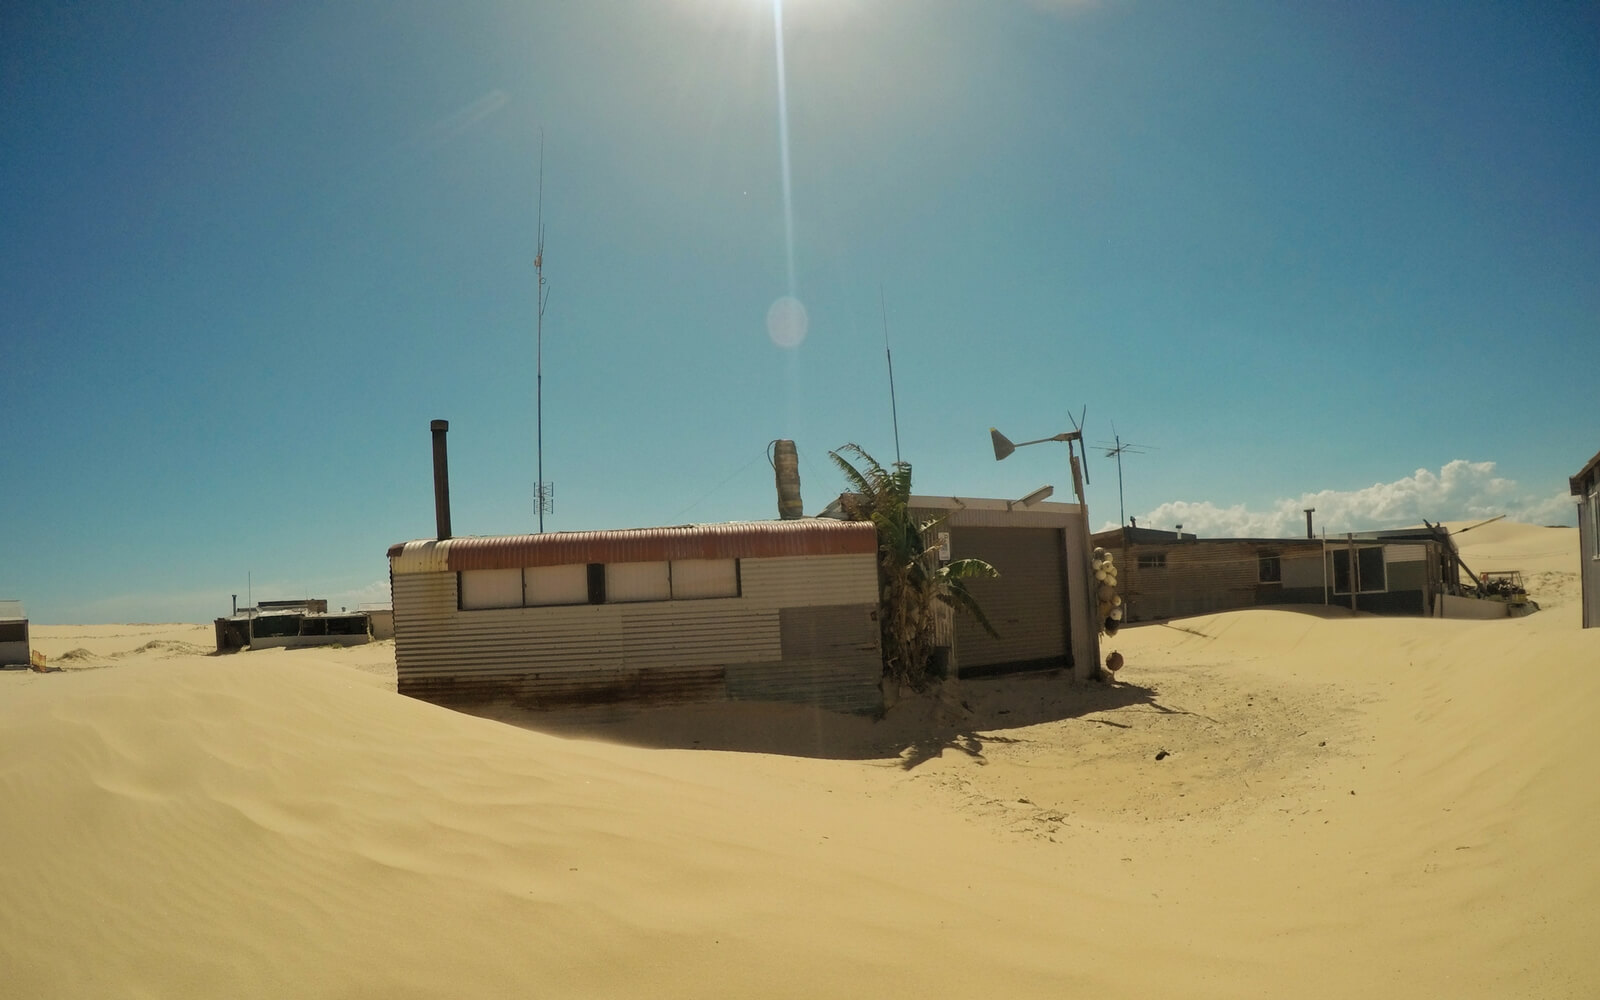 Kleine Hütten in der Wüste